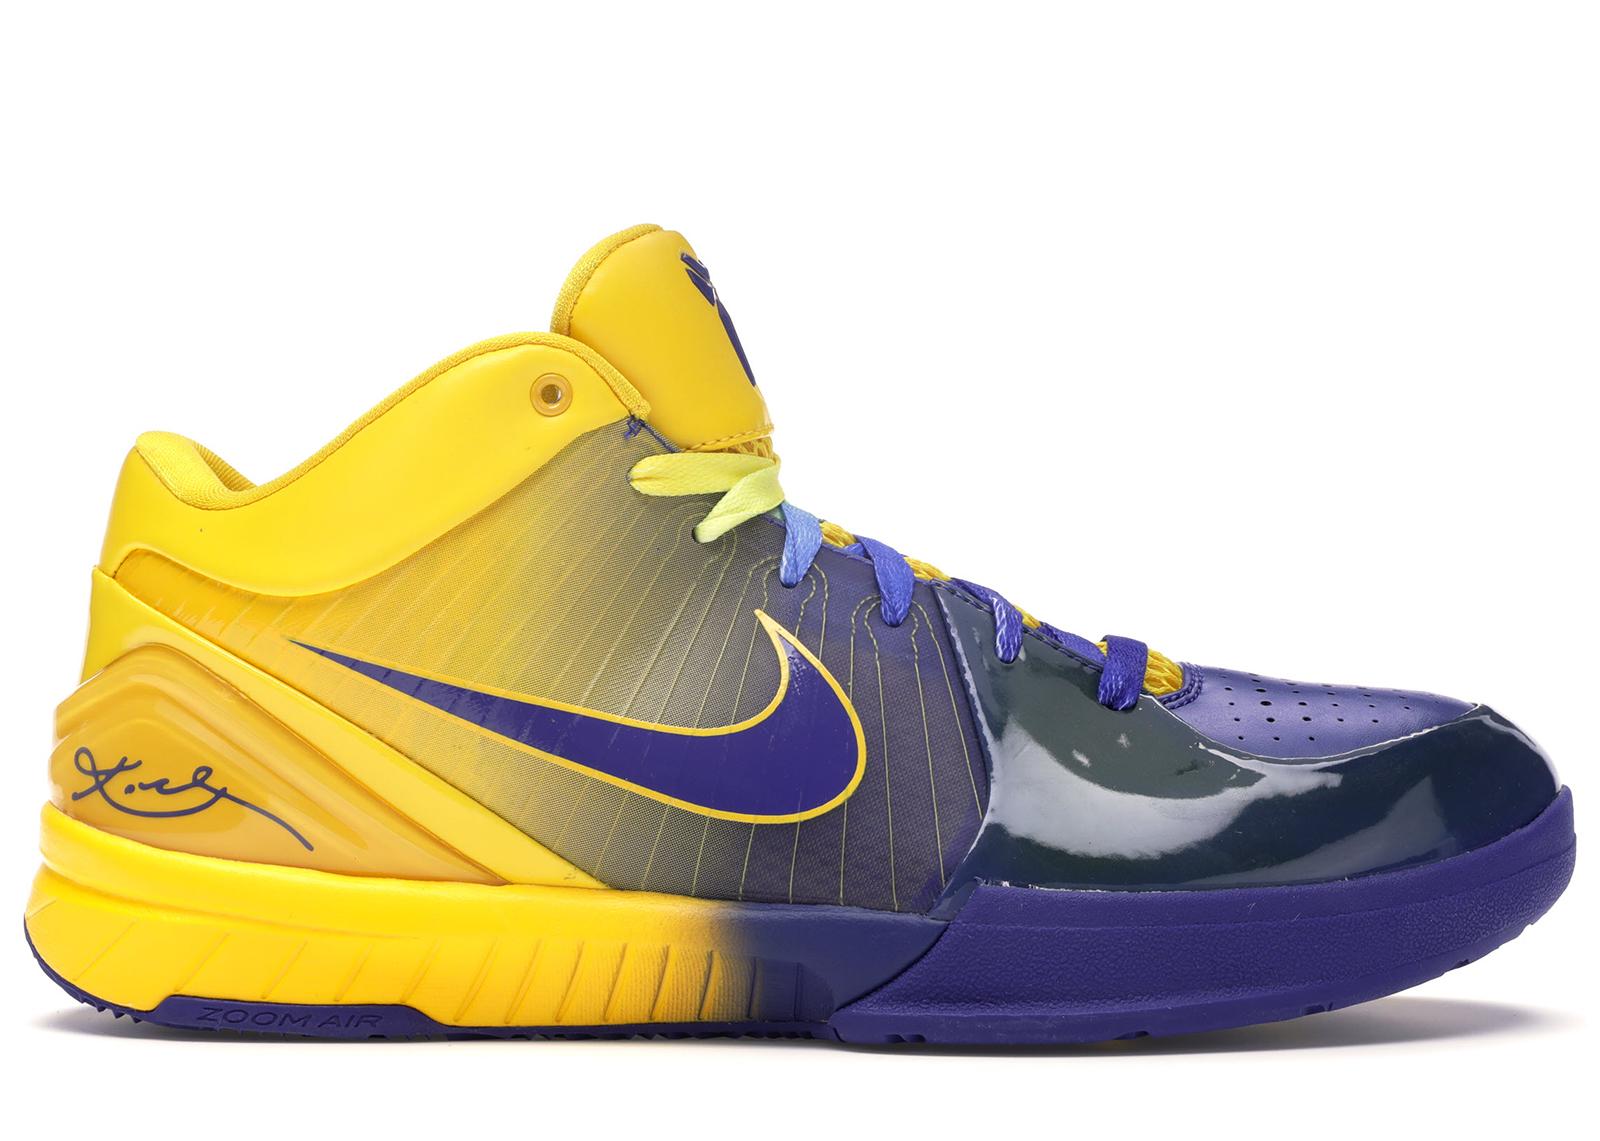 Nike Kobe 4 Four Rings